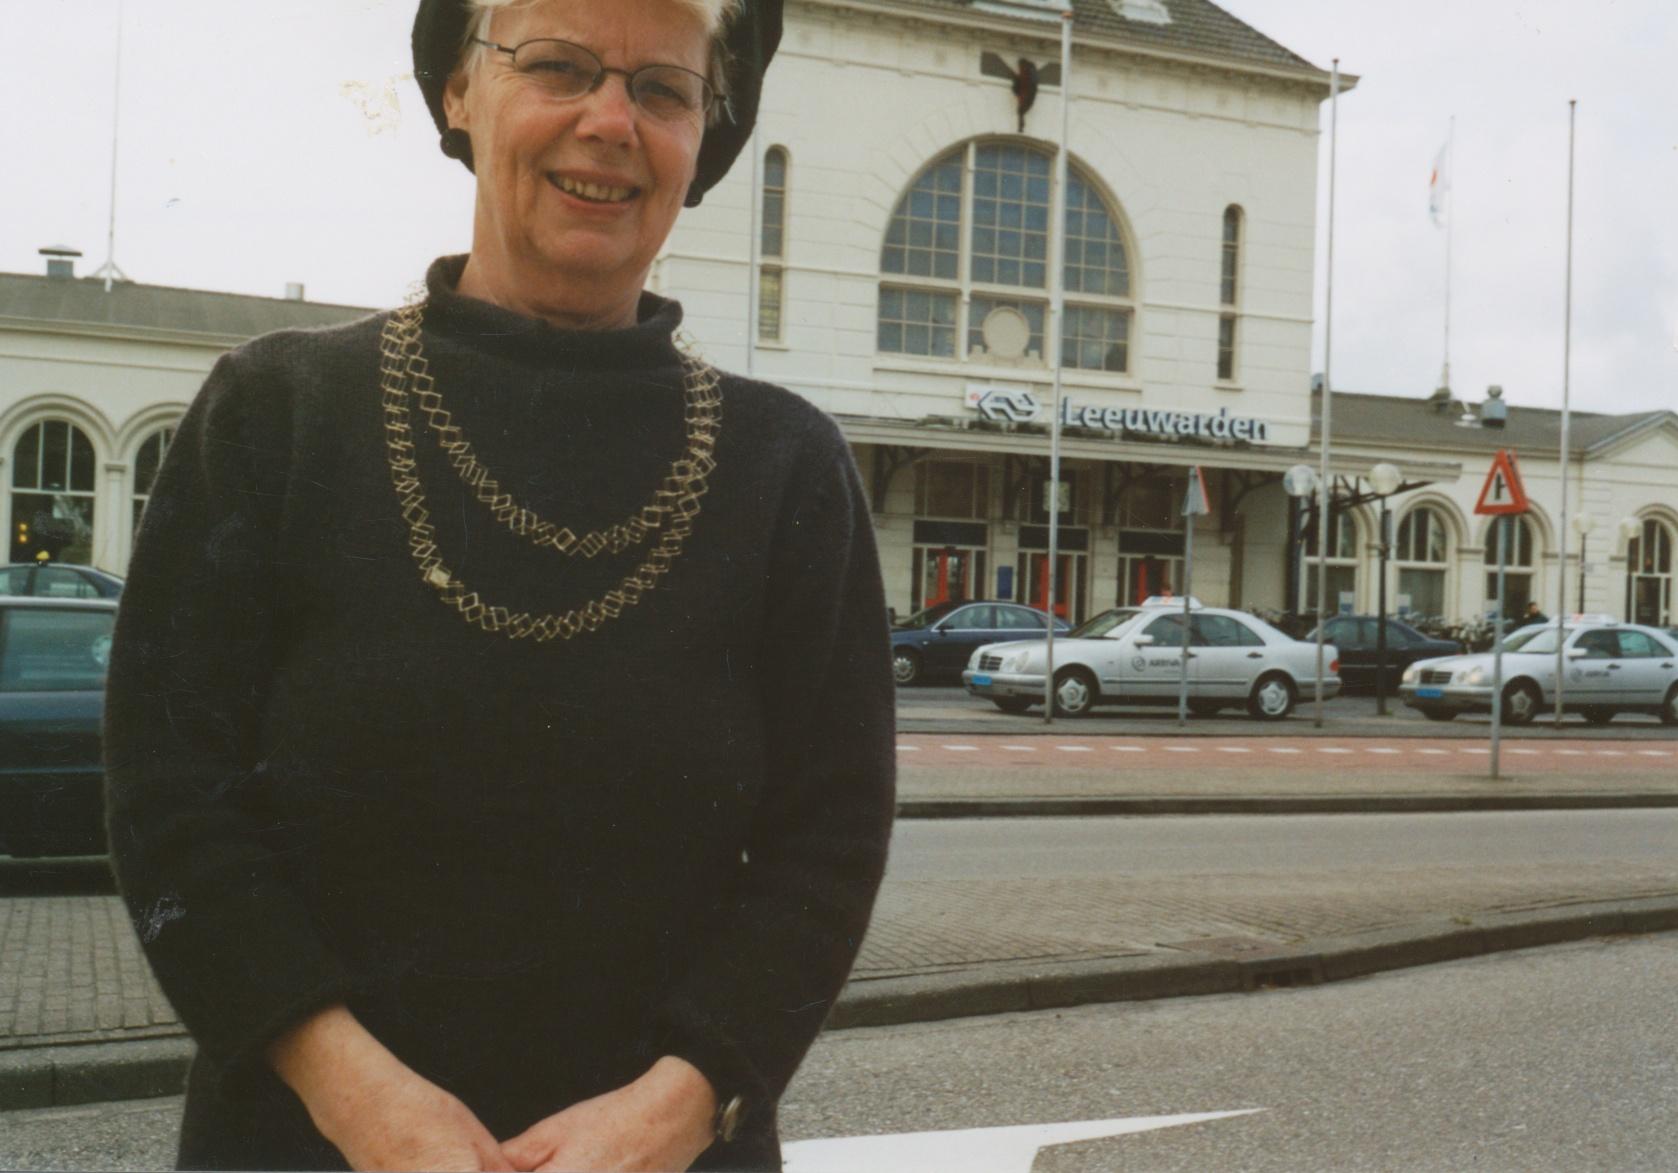 Claartje Keur, Zelfportret met halssieraad vanMarijke de Goey, Leeuwarden, Station, 18 april 2001. Foto Claartje Keur